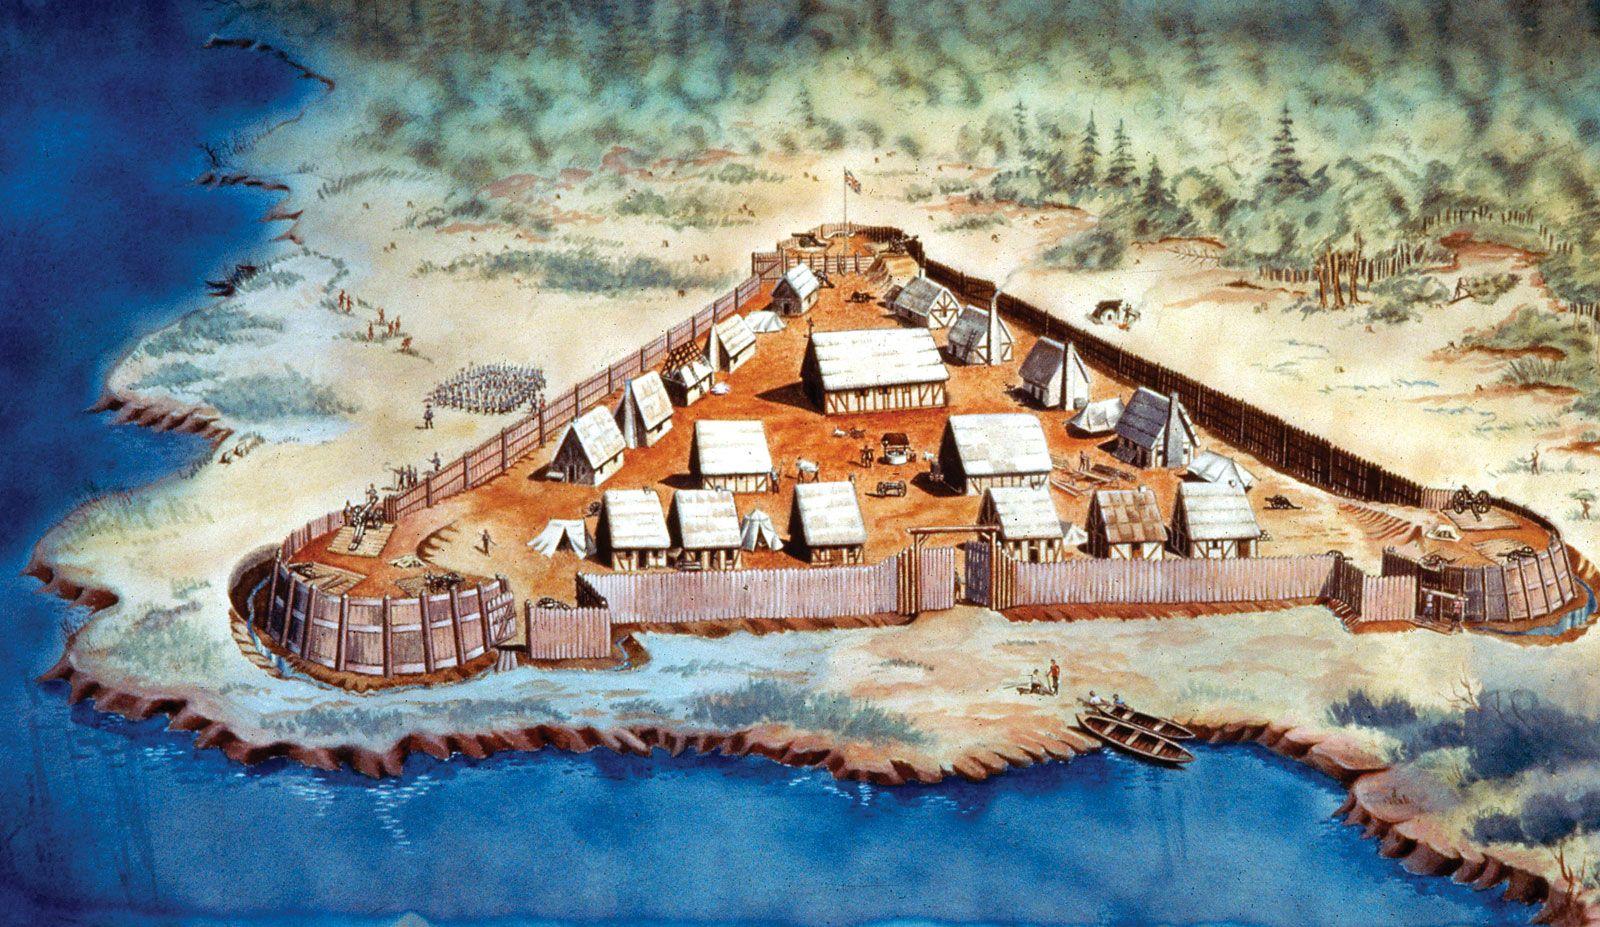 jamestown settlement wiki